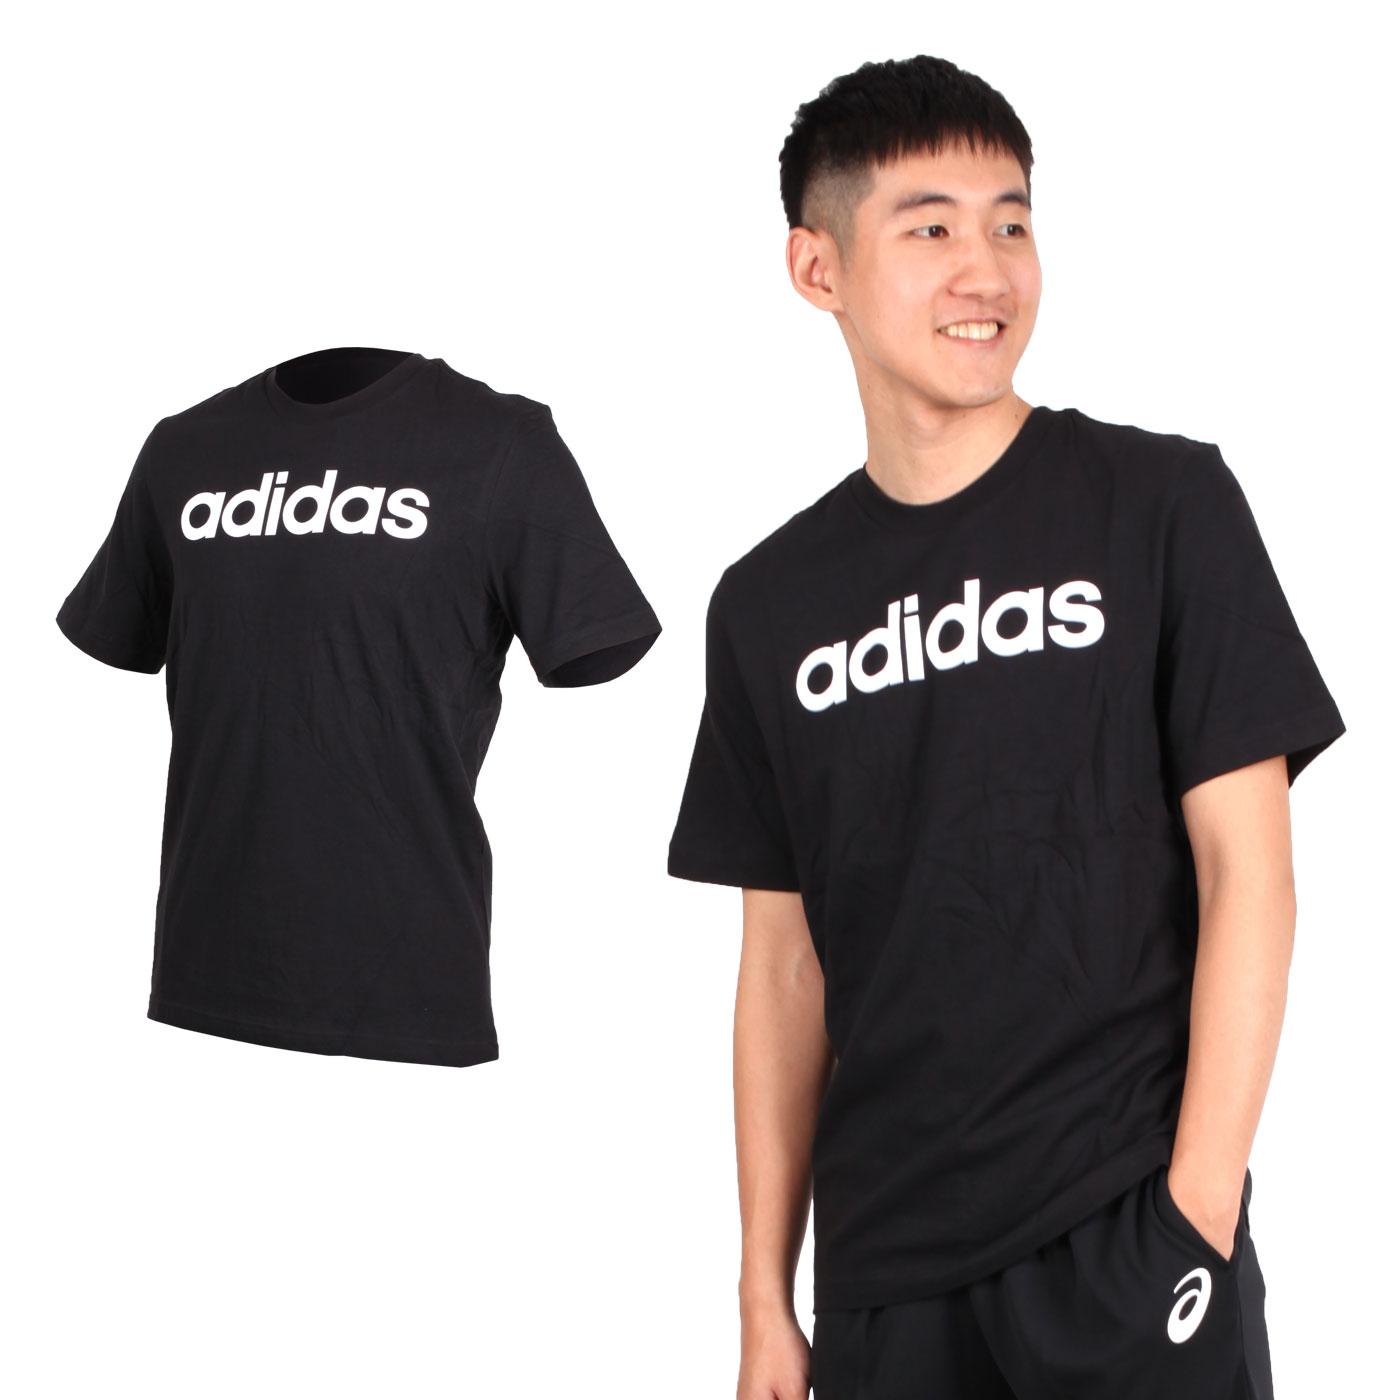 ADIDAS 男款短袖圓領T恤 DQ3056 - 黑白